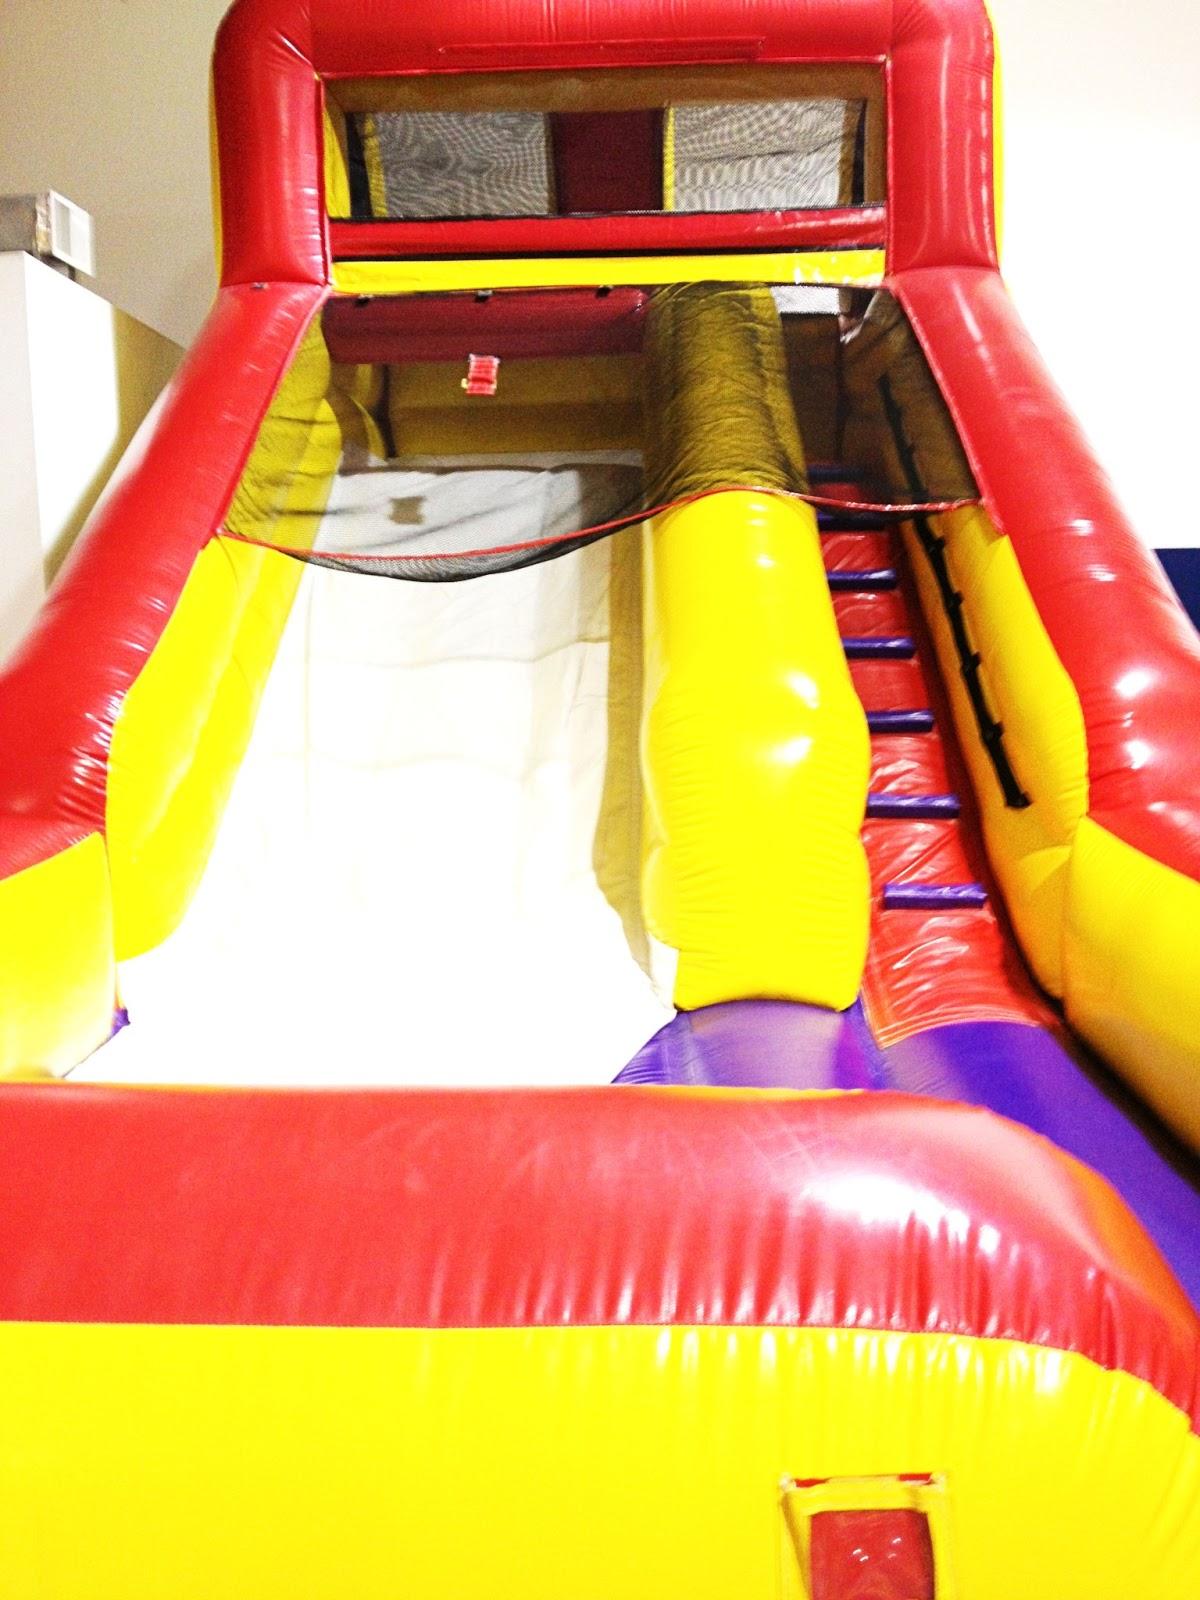 Fun Bounce (Image 3 of 10)